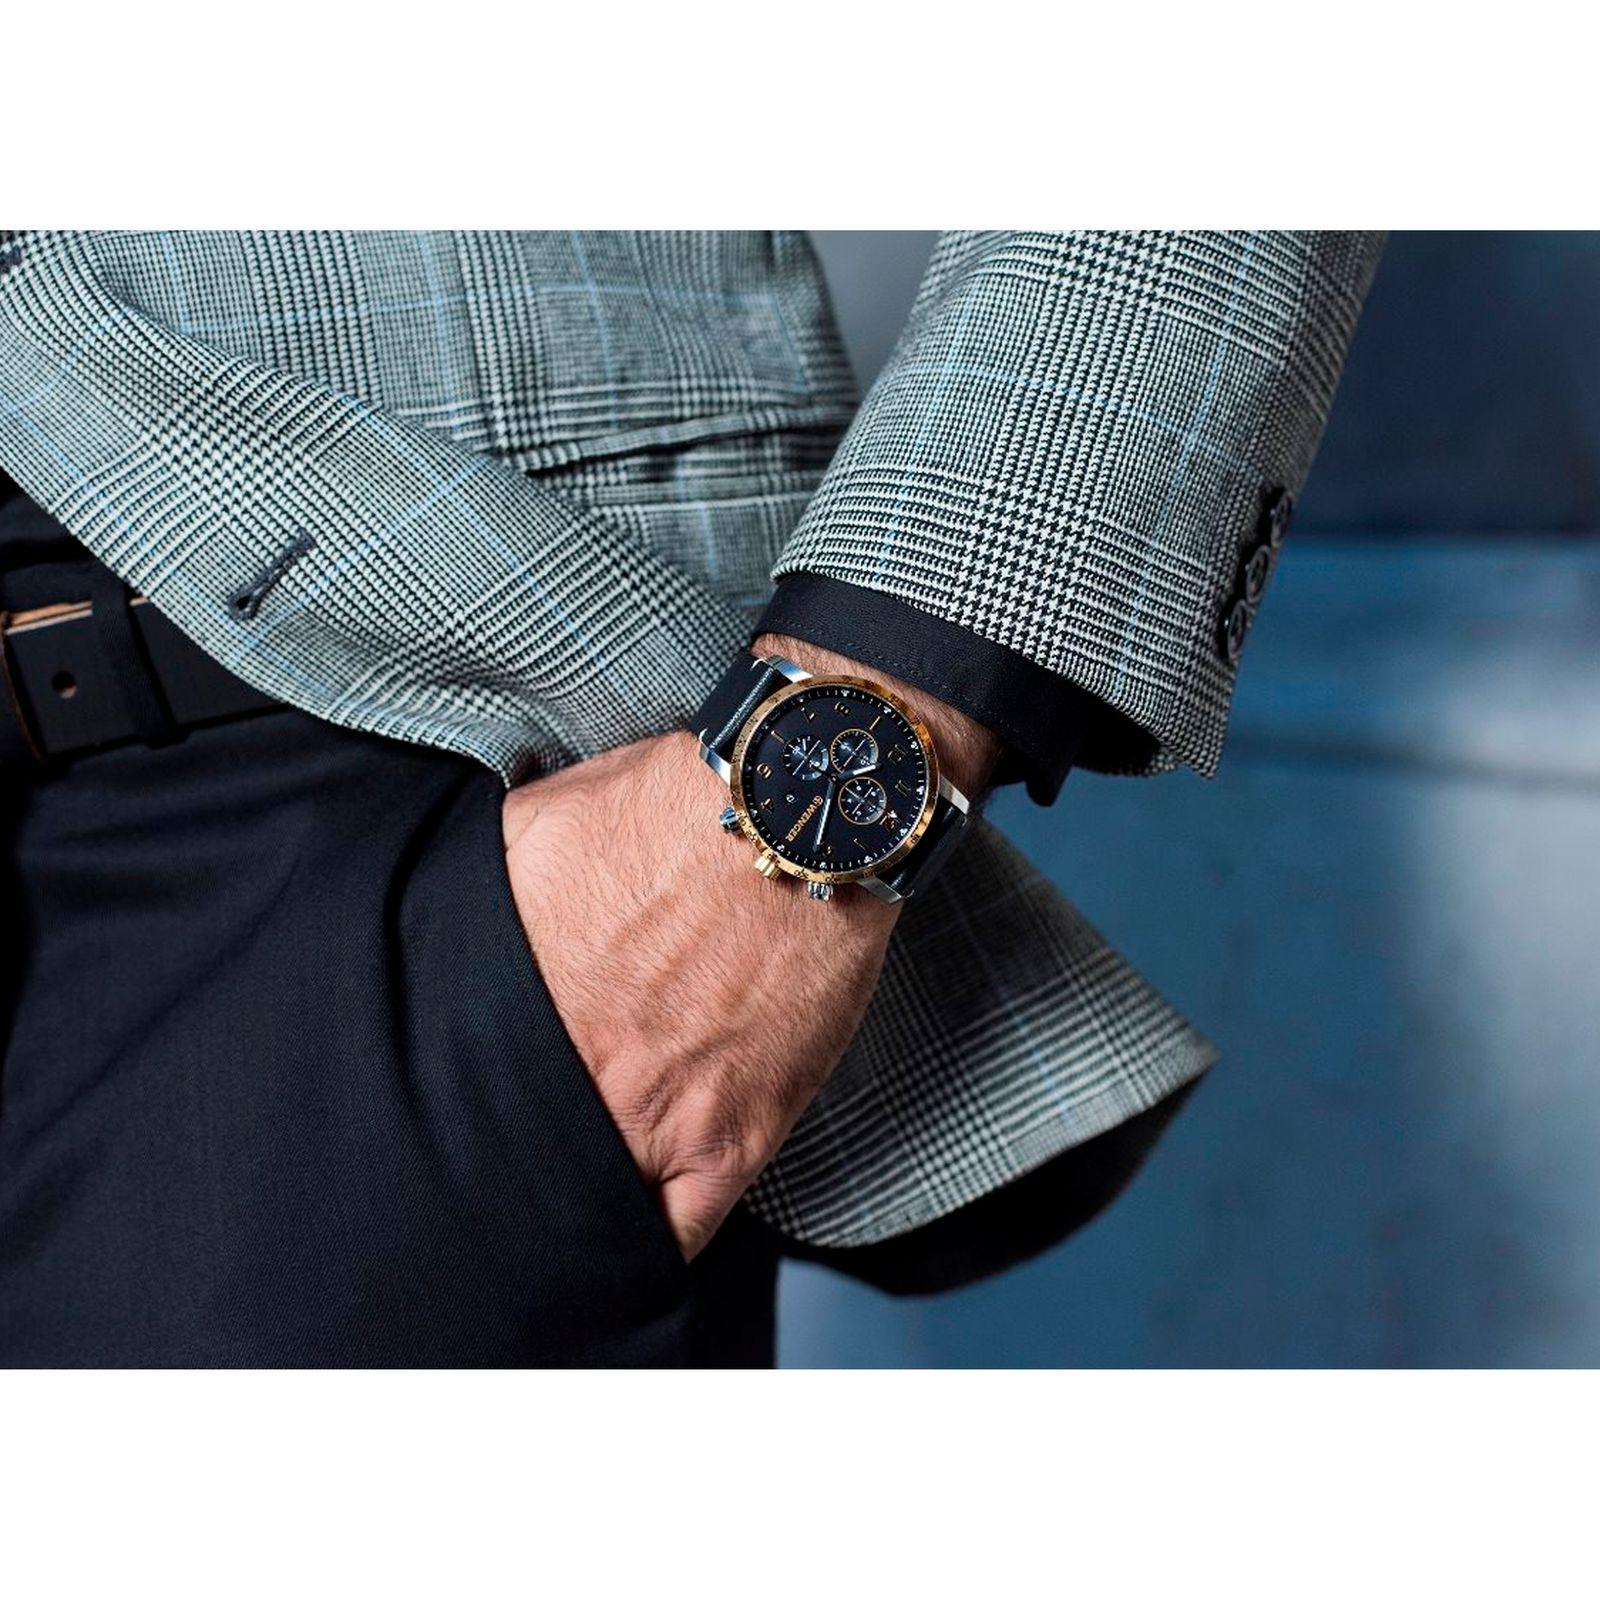 ساعت مچی عقربه ای مردانه ونگر مدل 01.1543.111 -  - 3